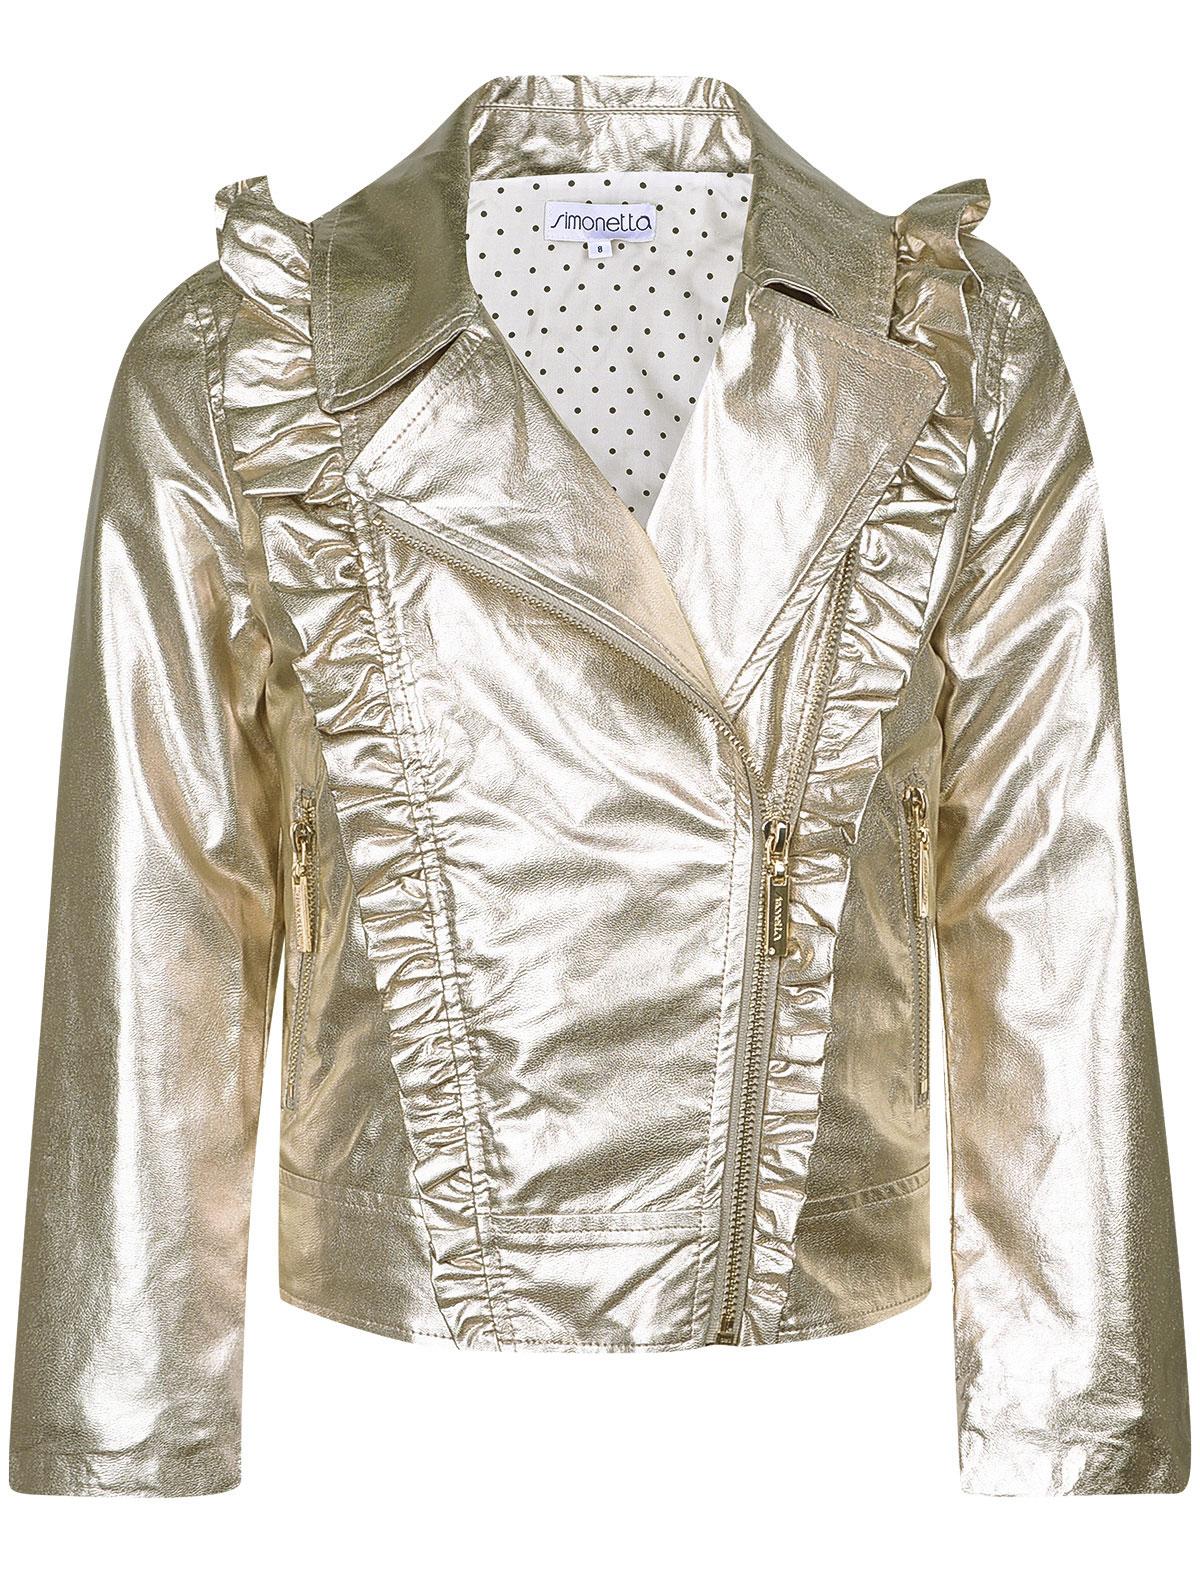 1872585, Куртка Simonetta, разноцветный, Женский, 1070109880017  - купить со скидкой